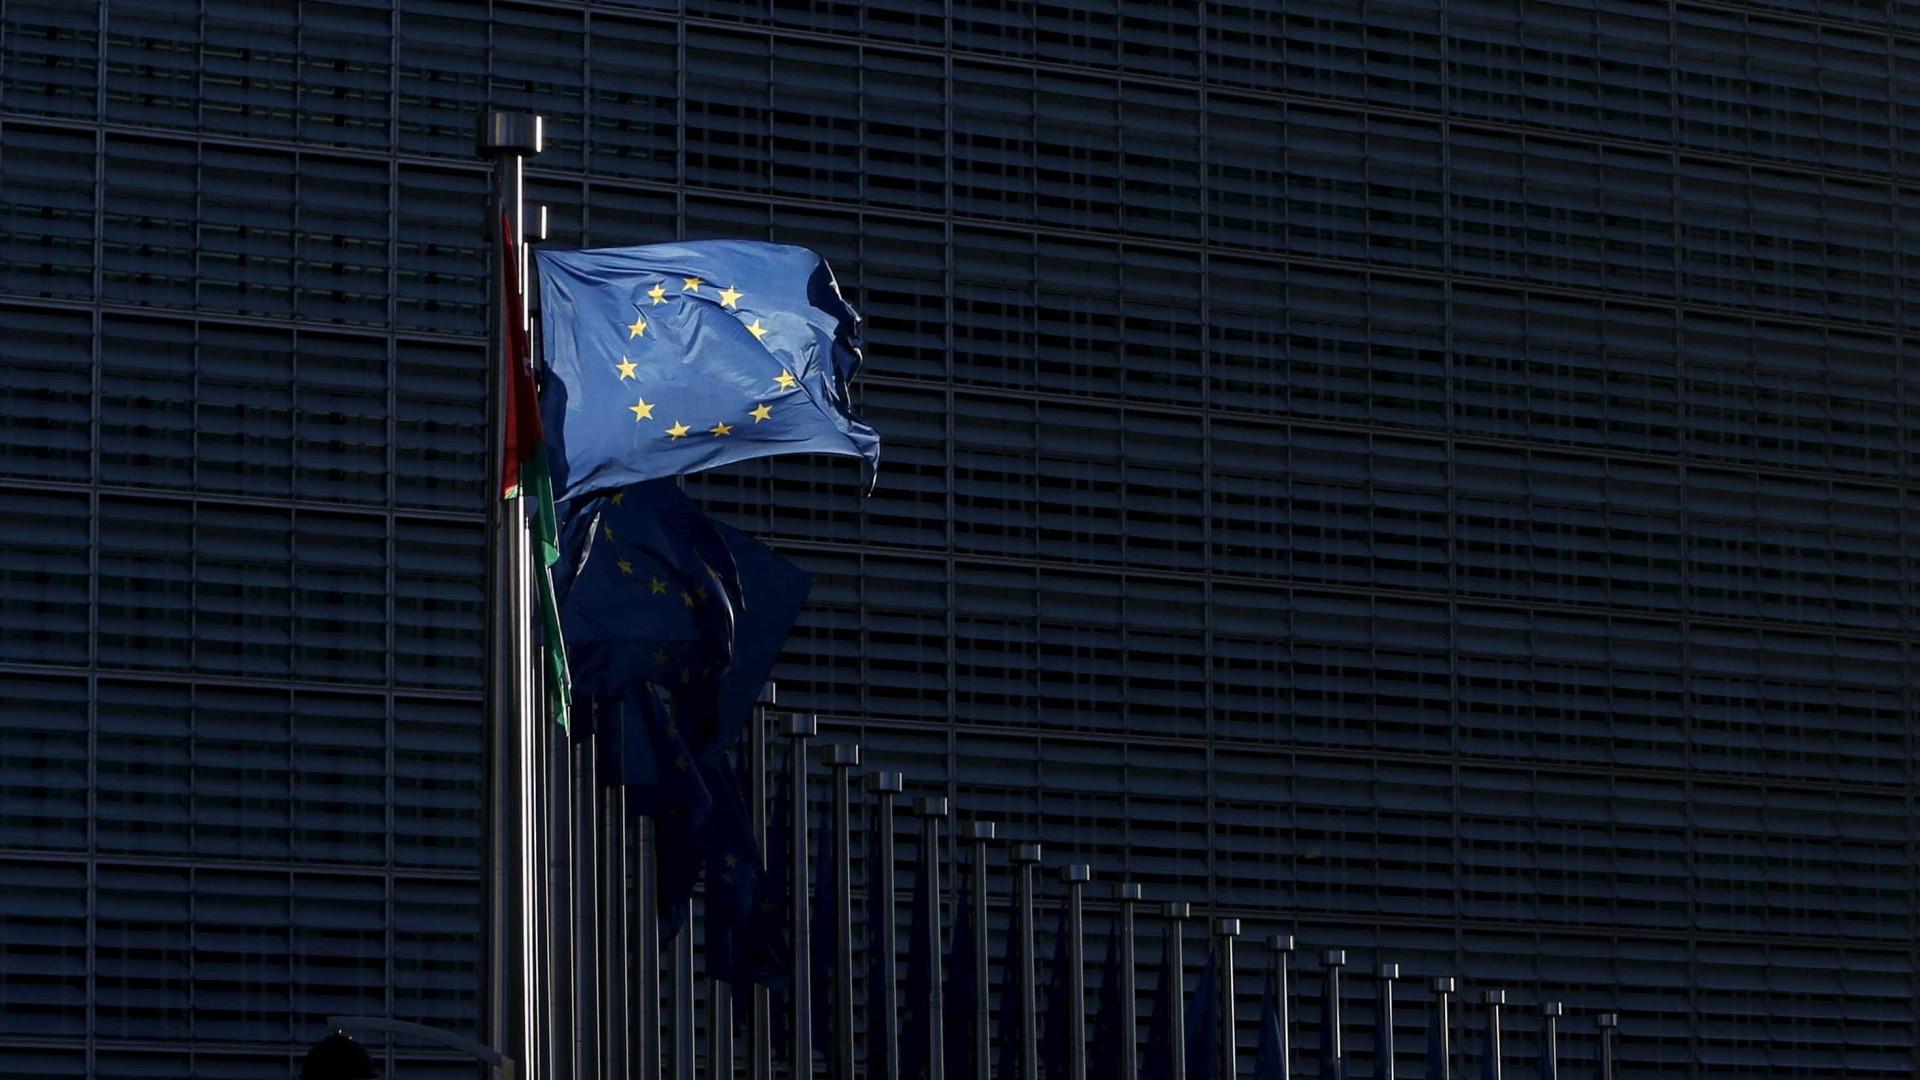 Intoxicação nas cozinhas do Conselho Europeu leva 5 pessoas ao hospital